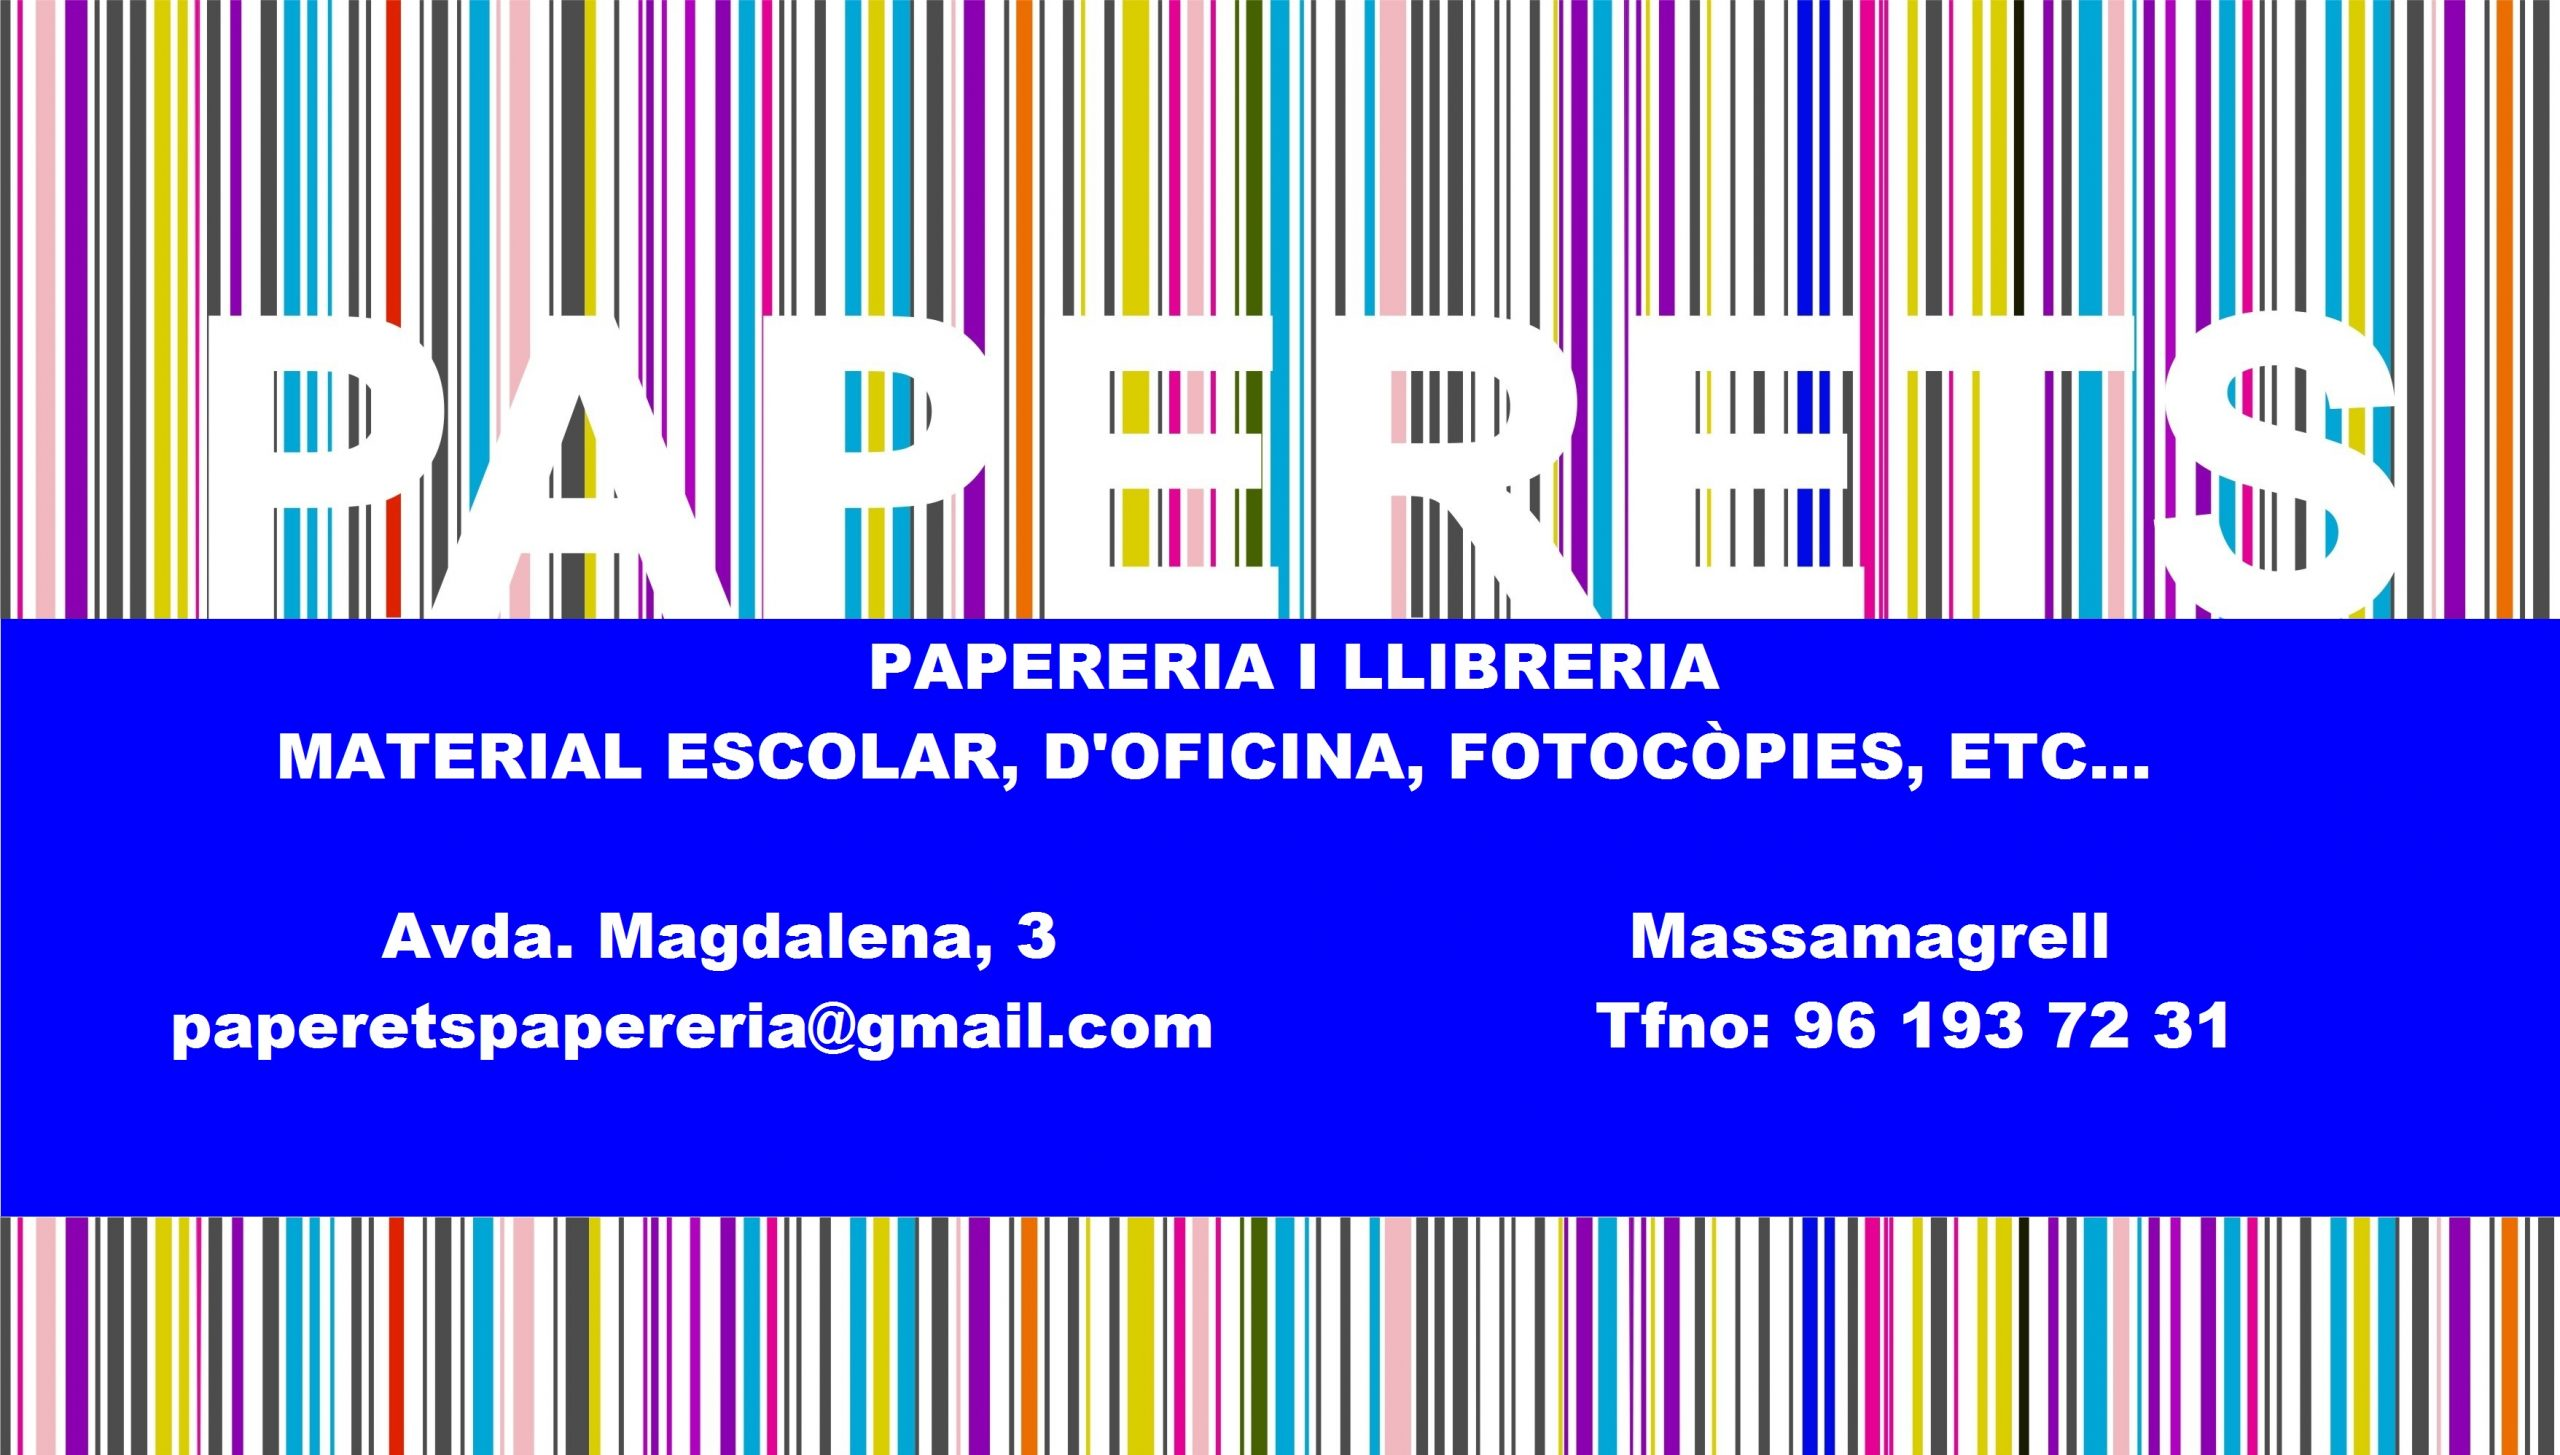 PAPERETS, PAPERERIA I LLIBRERIA